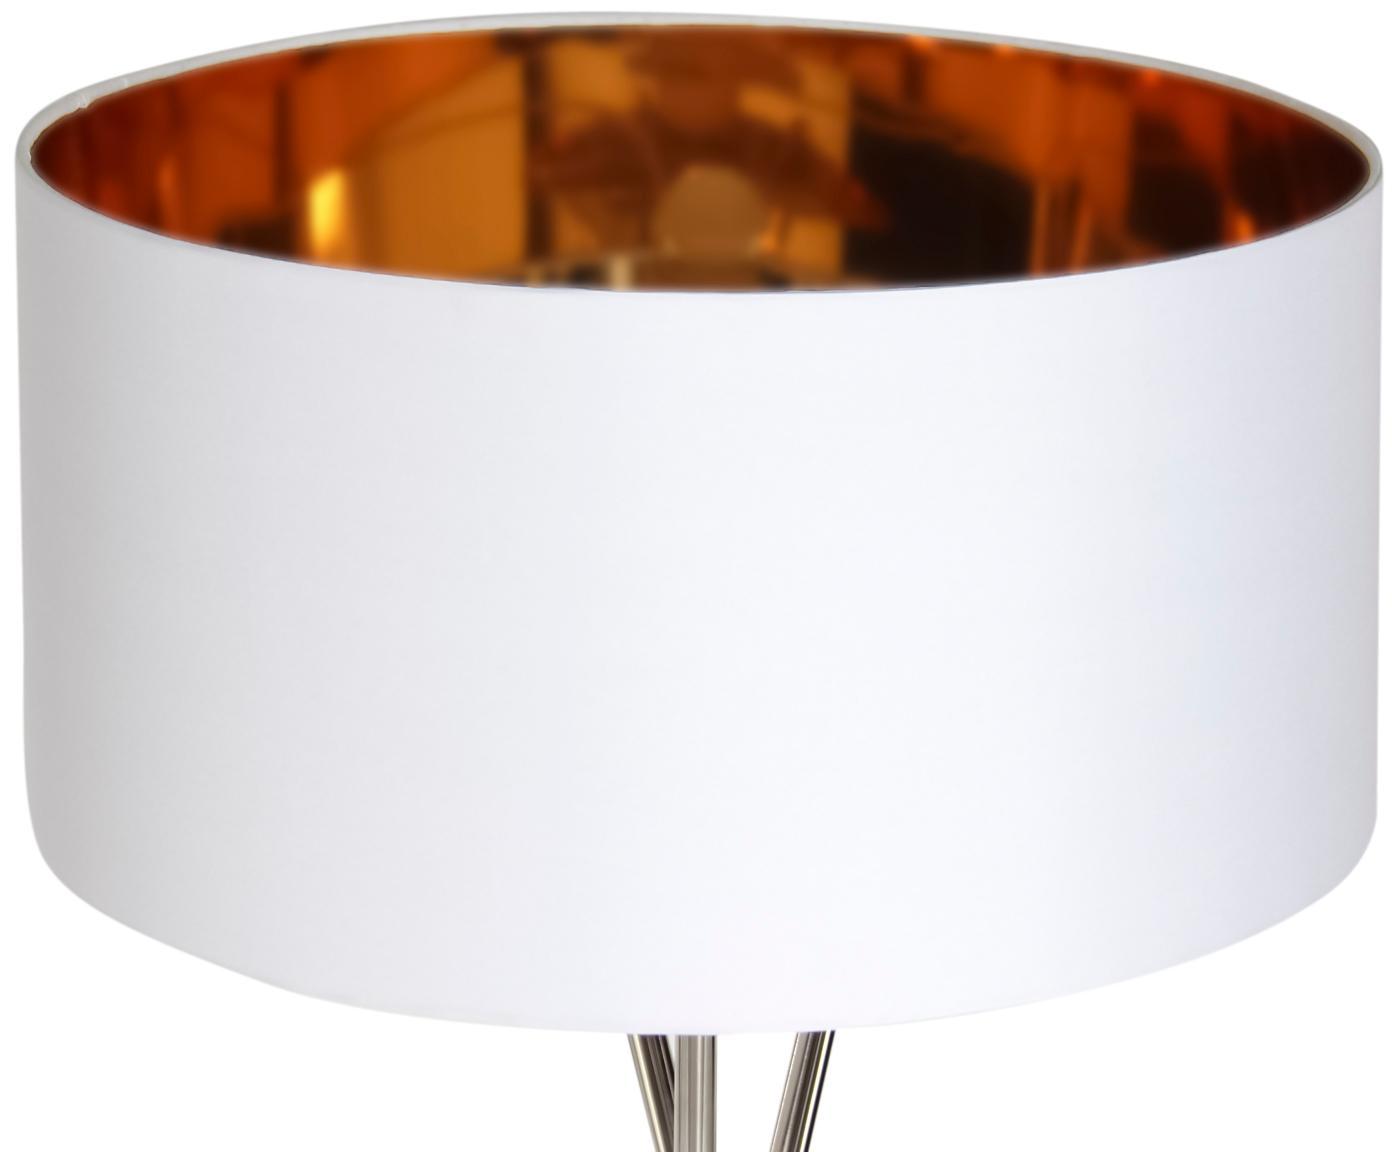 Lampa podłogowa Giovanna, Stelaż: stal chromowana, Stelaż: chrom Klosz: na zewnątrz: biały Wewnątrz: odcienie złotego, Ø 45 x W 154 cm